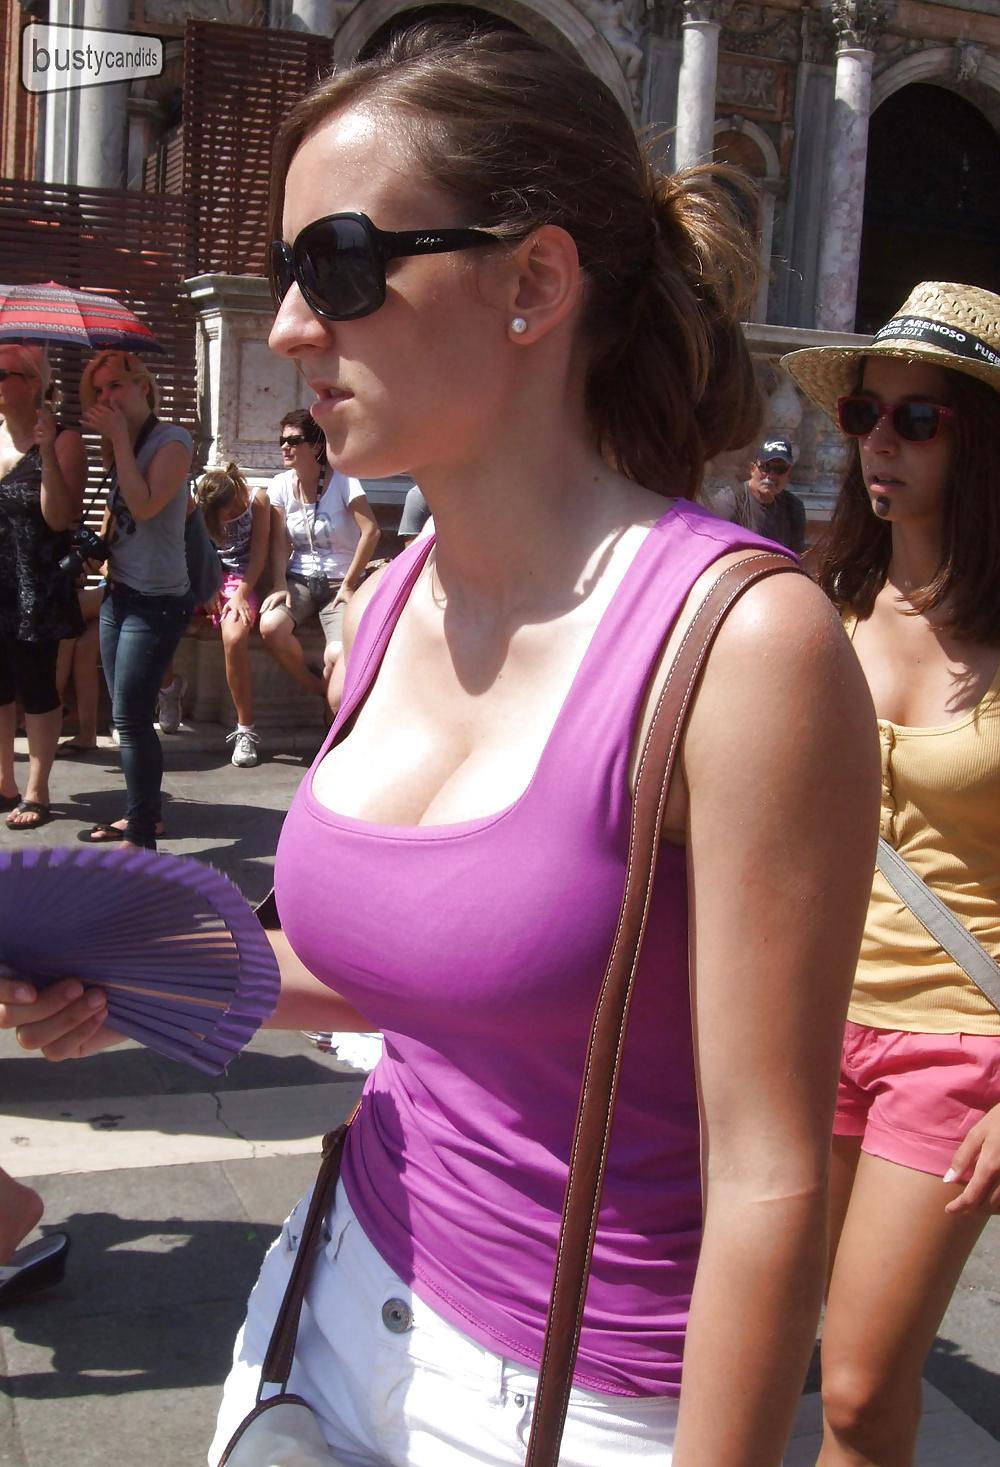 Big boobs candid